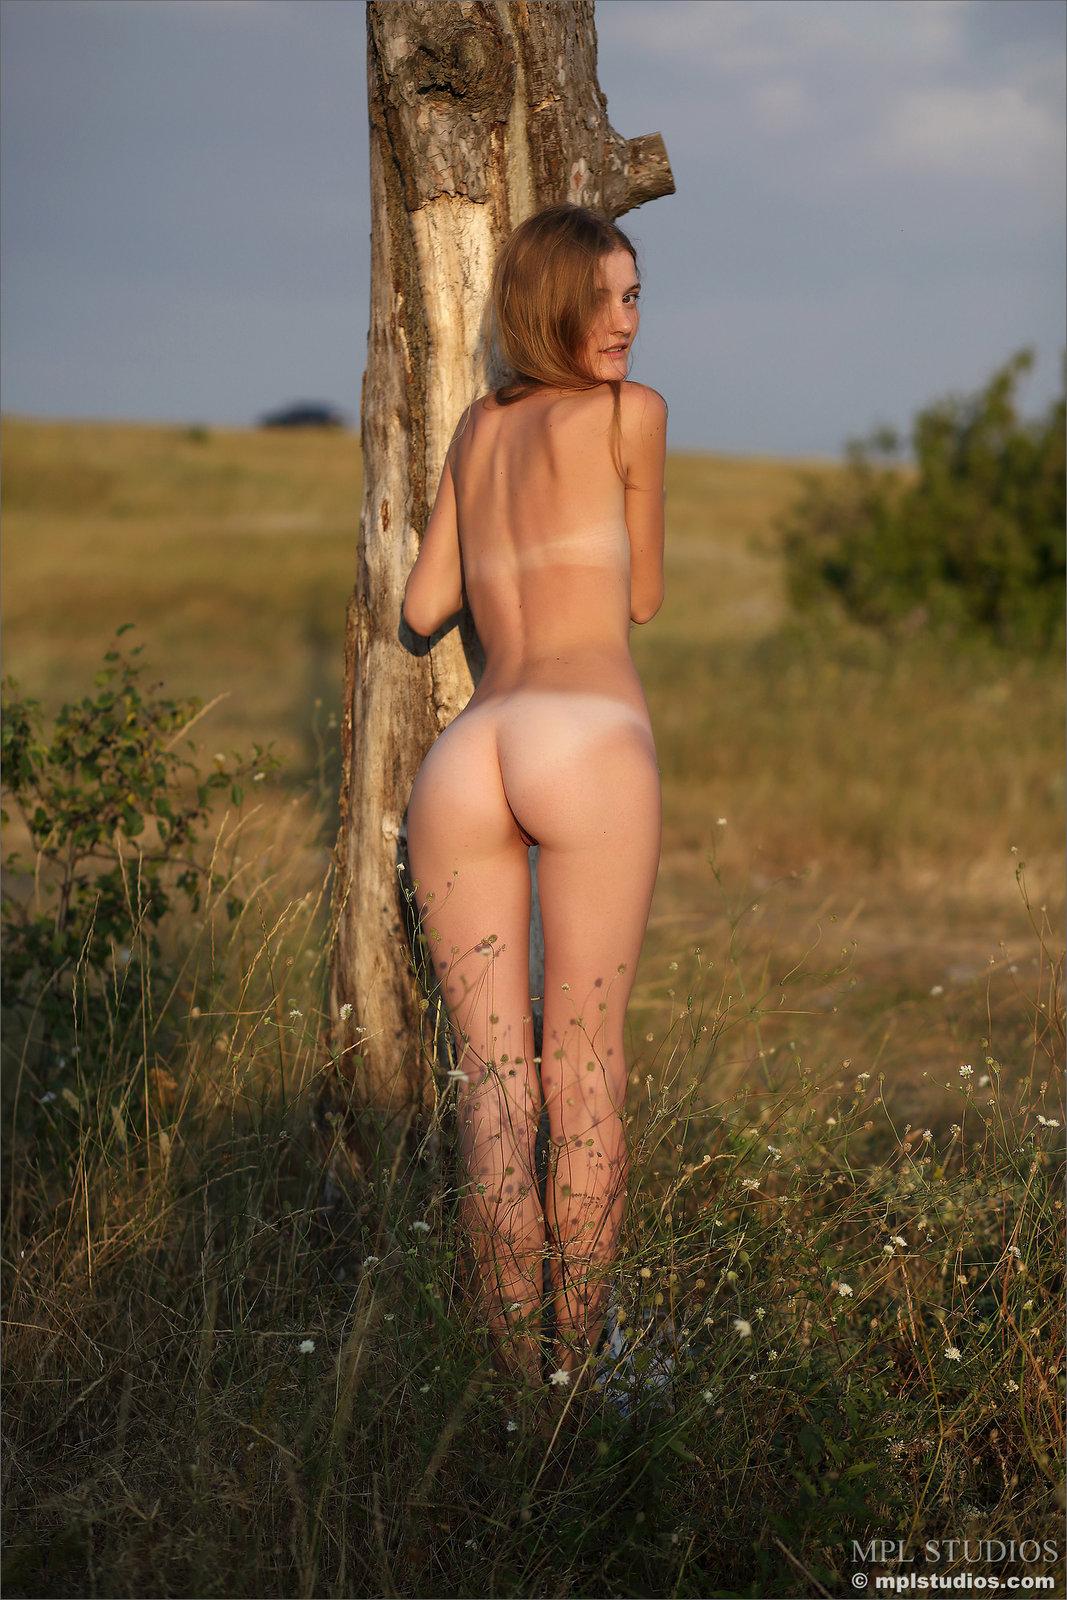 Zdjęcie porno - 1112 - Laseczka na łące ma sterczące piersi